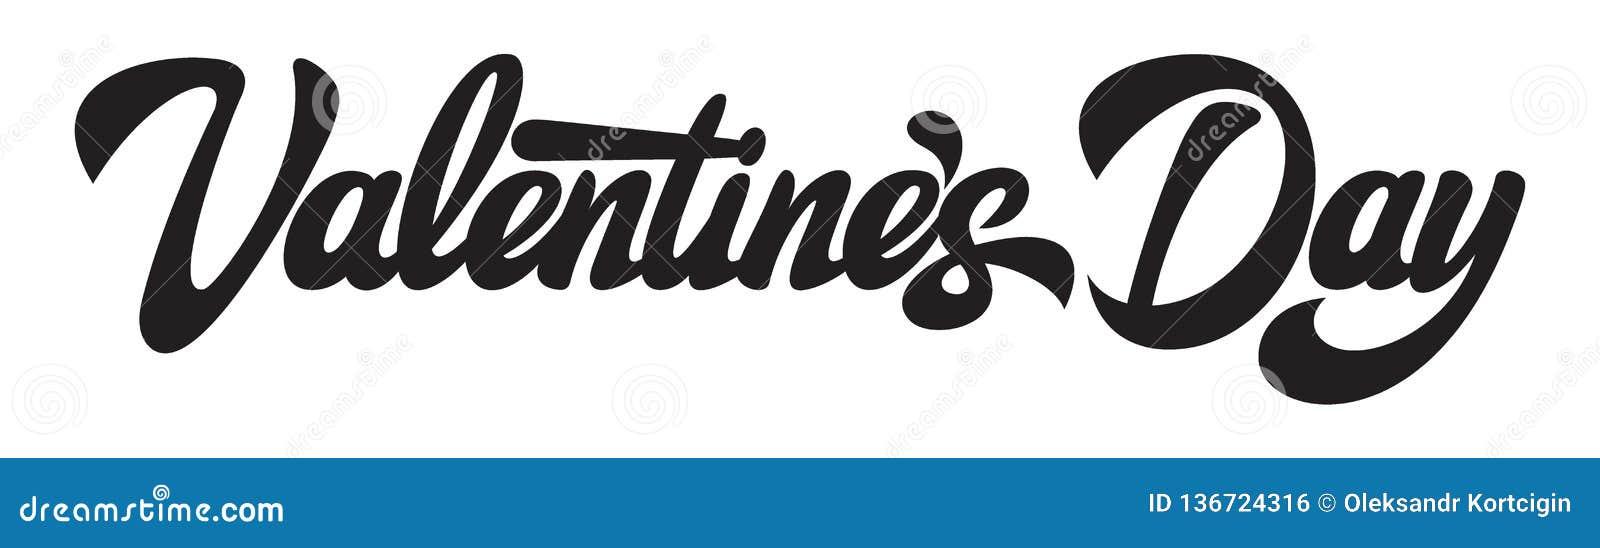 De valentijnskaartendag van de Alligraphic horizontale inschrijving, vectorillustratie